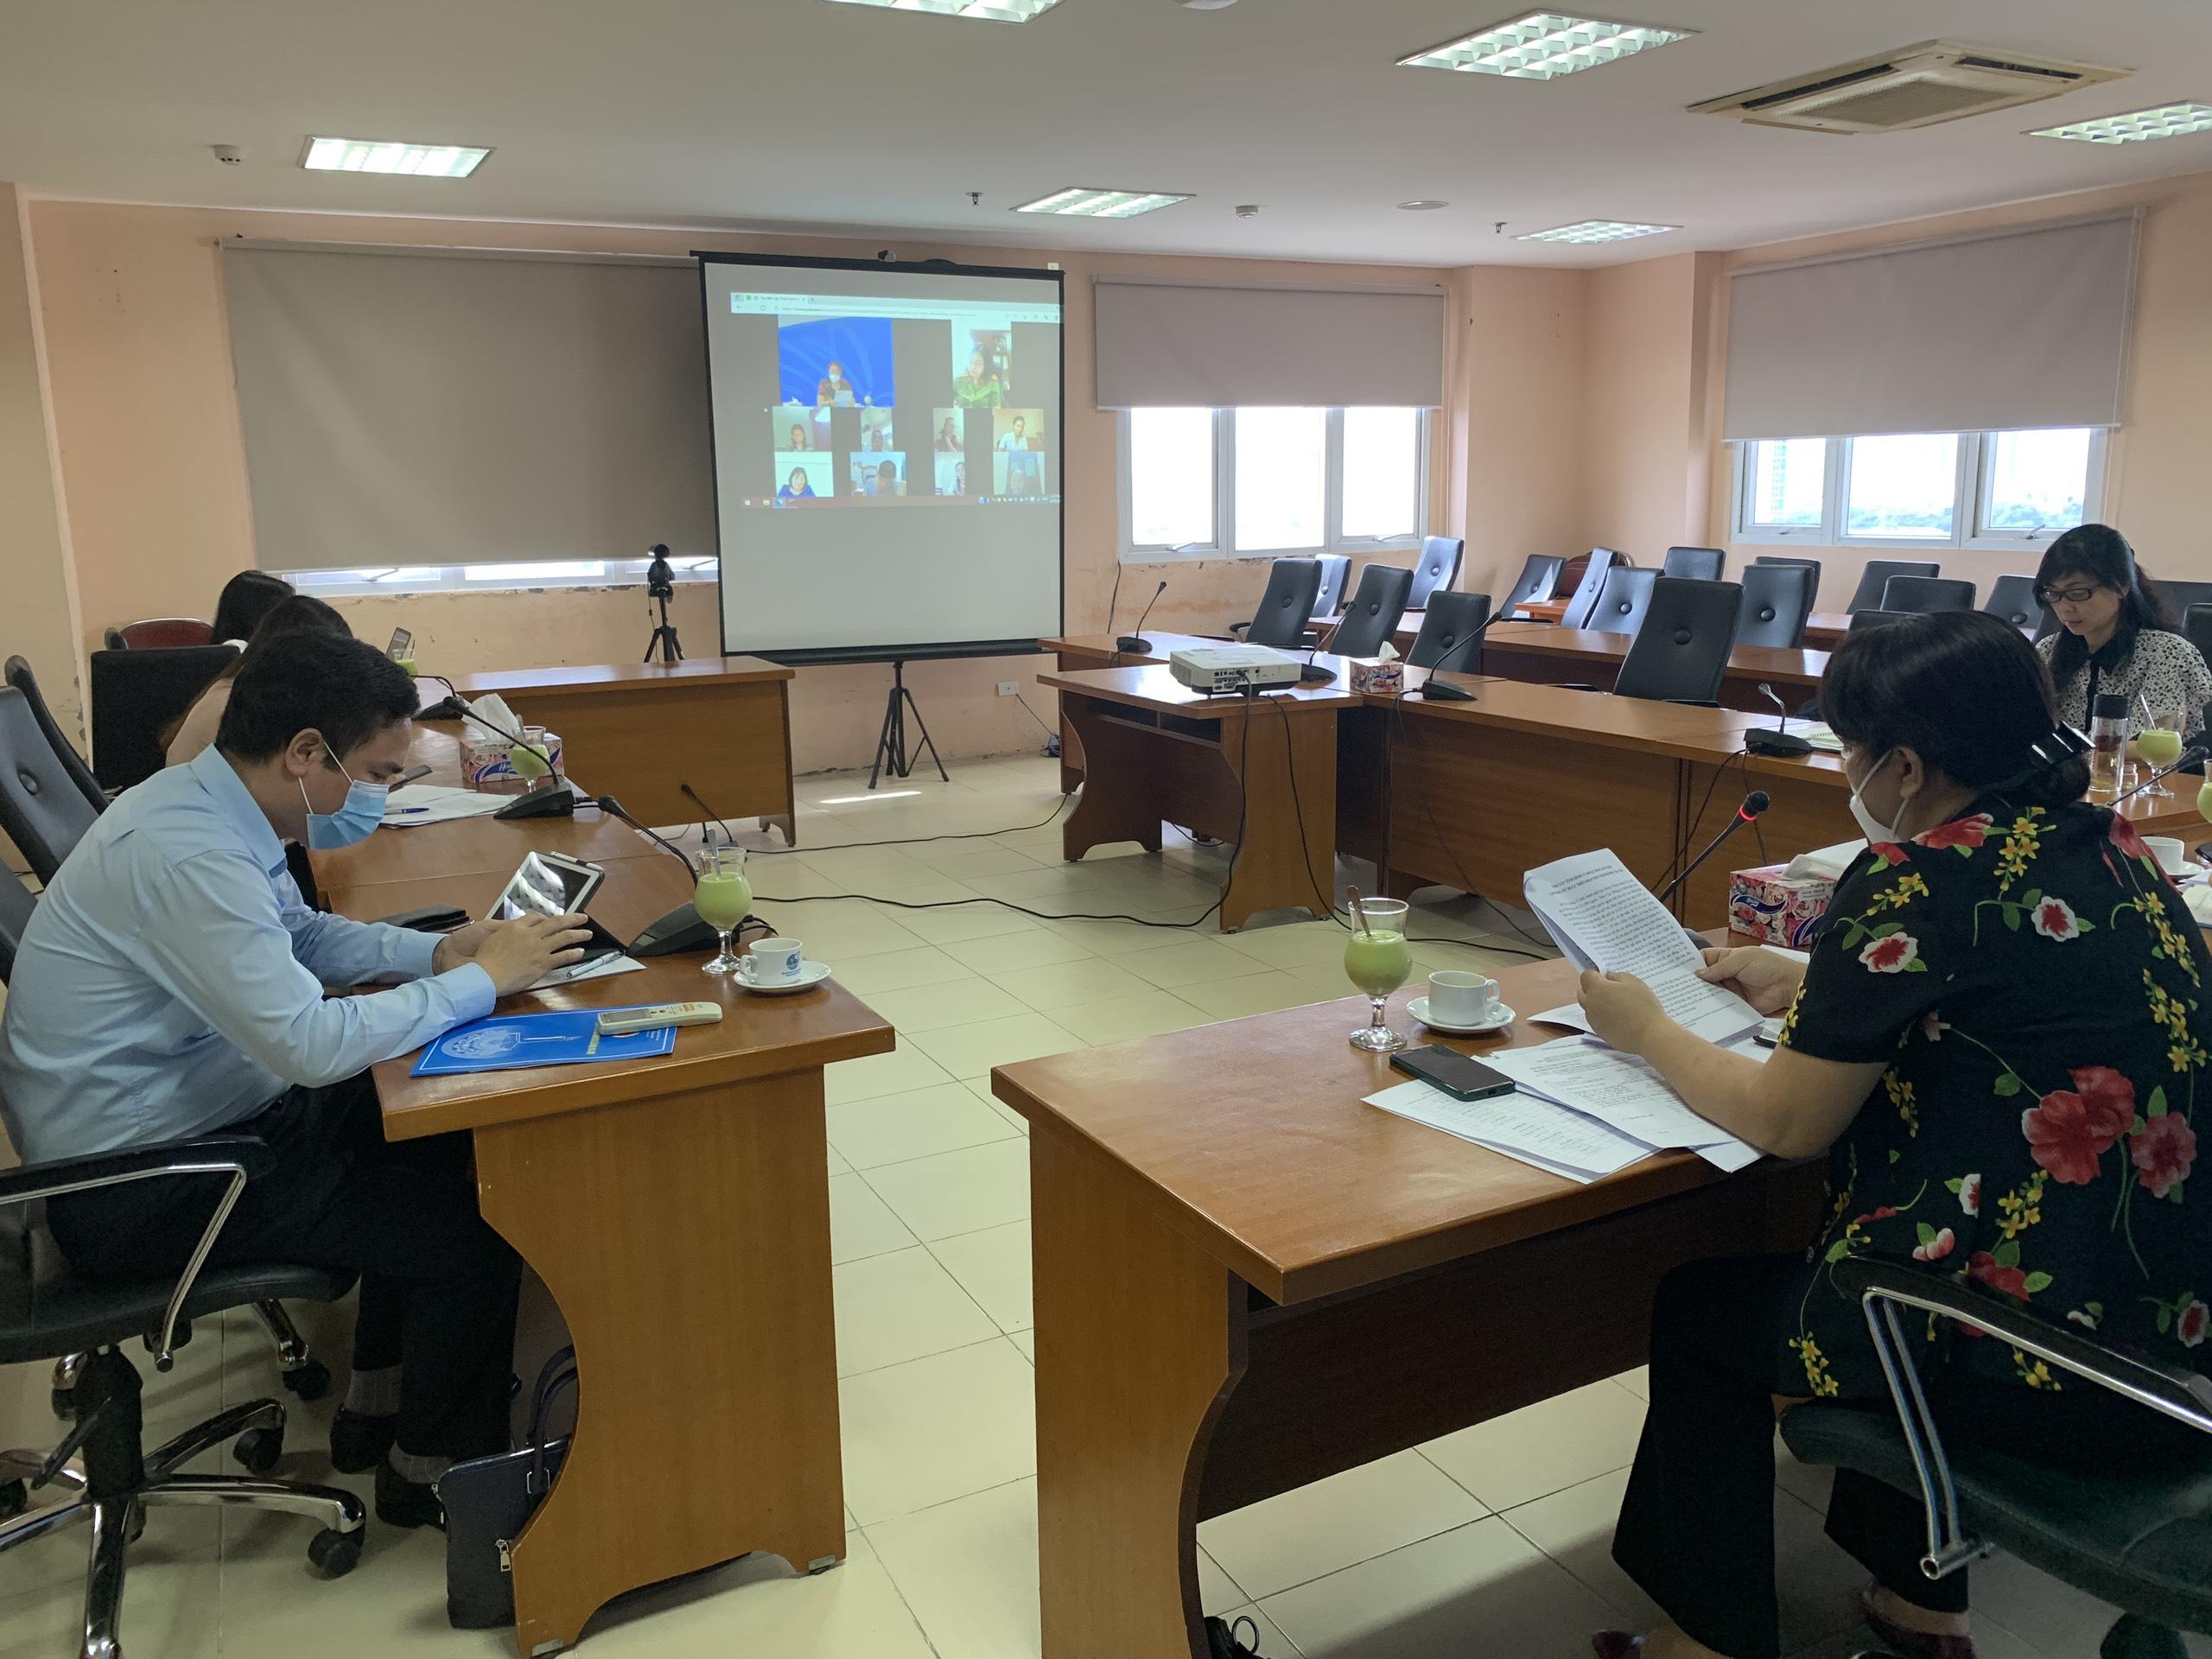 Hội nghị được thực hiện trực tuyến, Các đại biểu tham dự hội nghị thông qua Zoom meeting